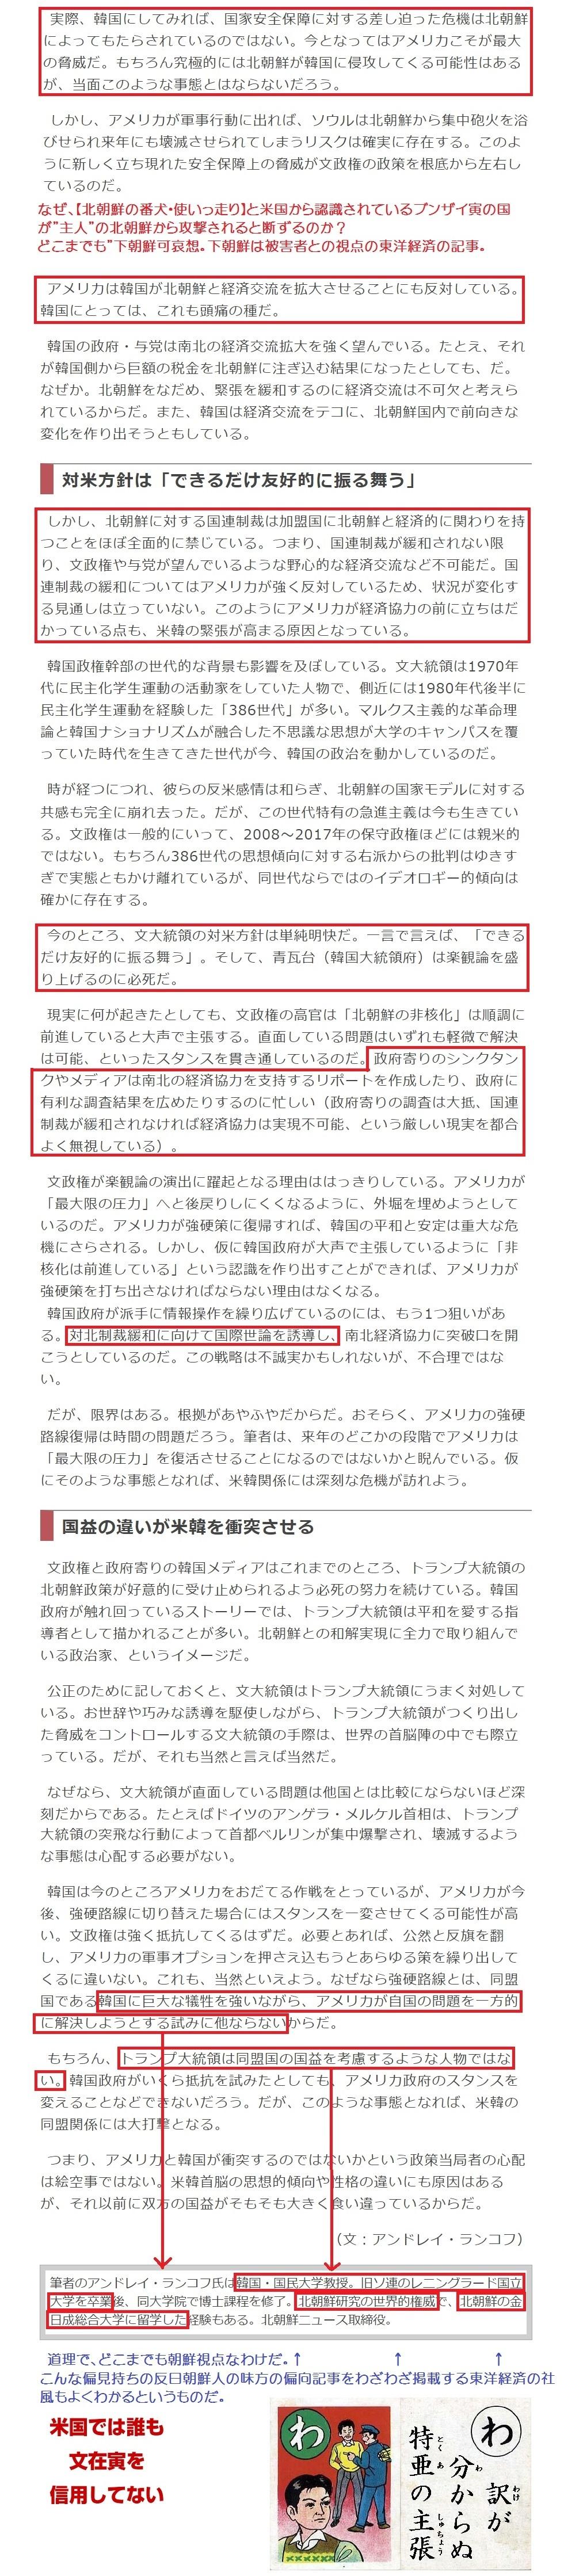 朝鮮大学のロシア人が書く朝鮮人視点のトランプを貶める記事2